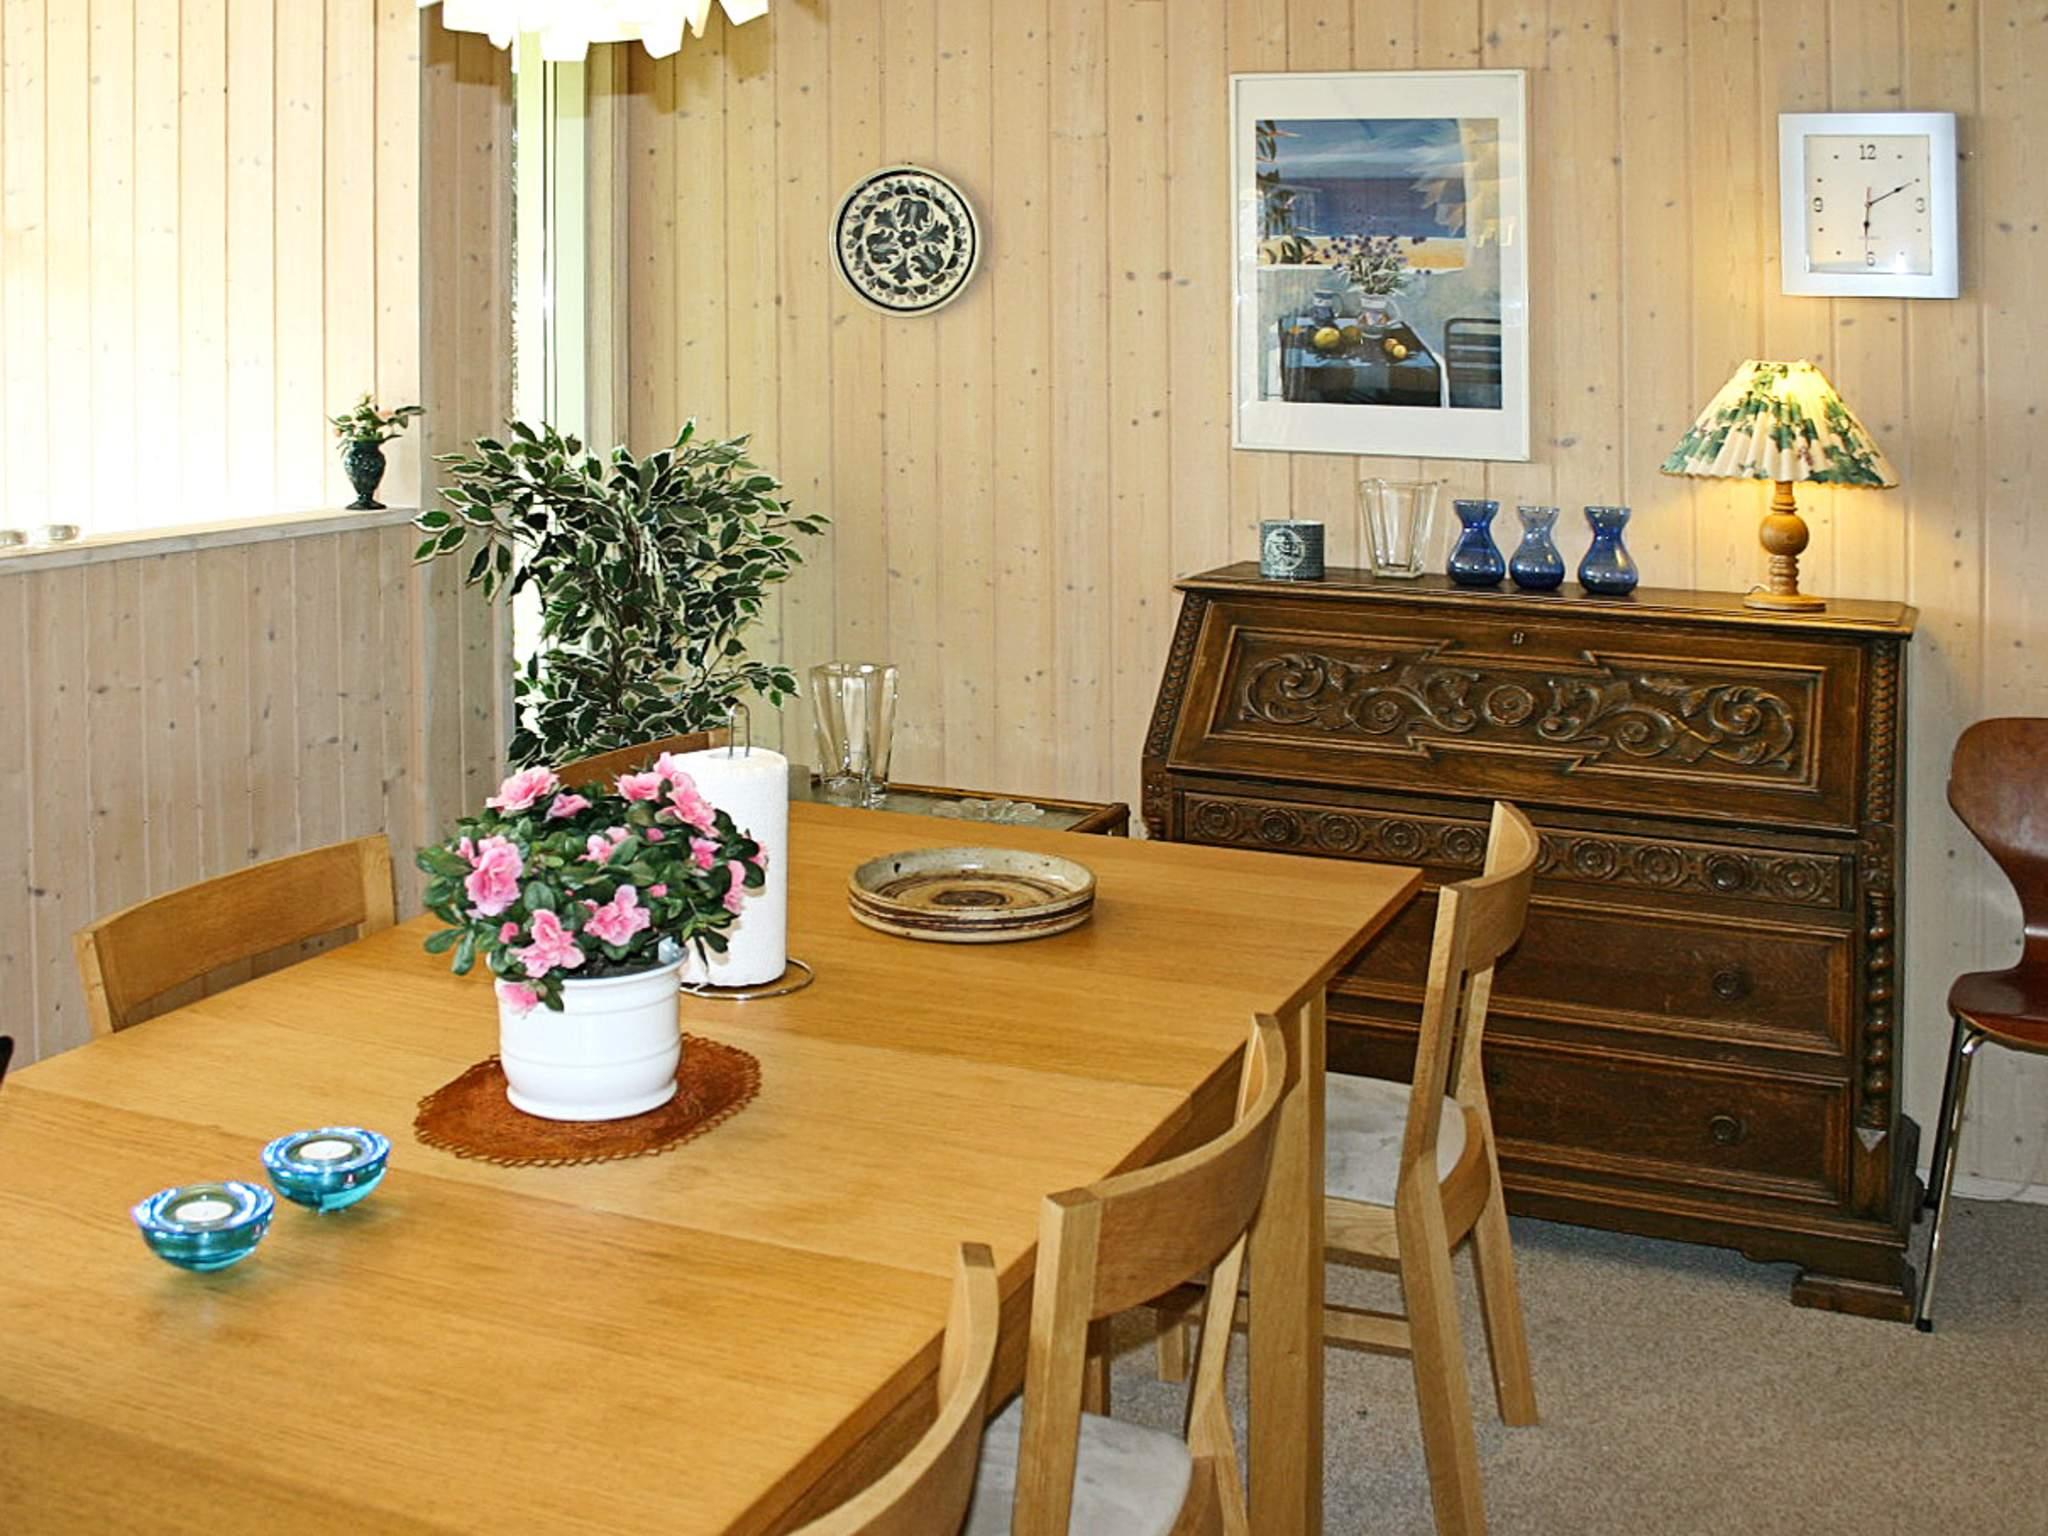 Ferienhaus Udsholt Strand (124746), Udsholt, , Nordseeland, Dänemark, Bild 6